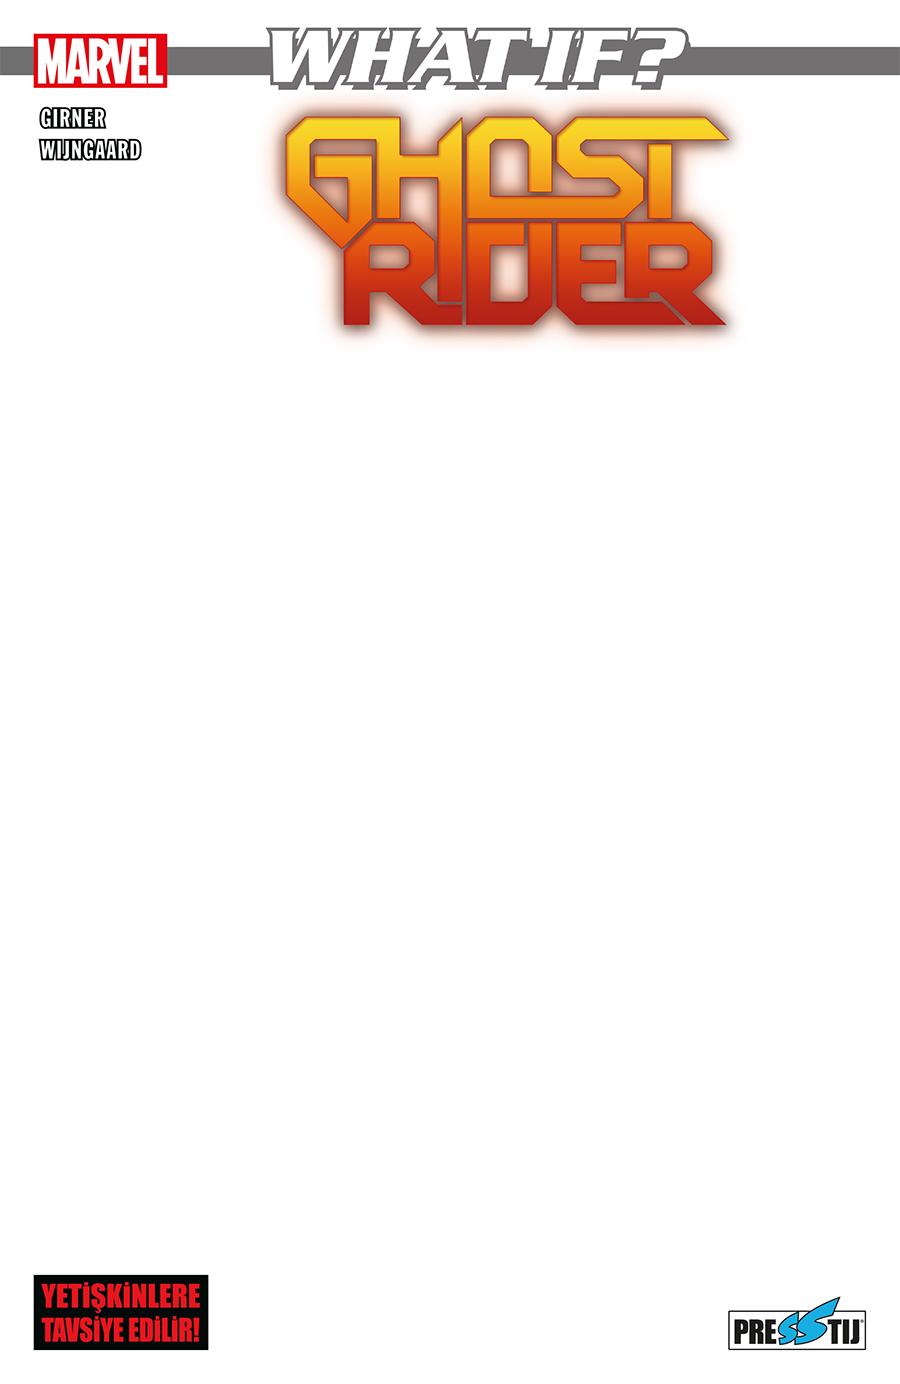 What If? Marvel Ghost Rider İle Metalciliğe Soyunursa (Boş Kapak) - ÖN SİPARİŞ